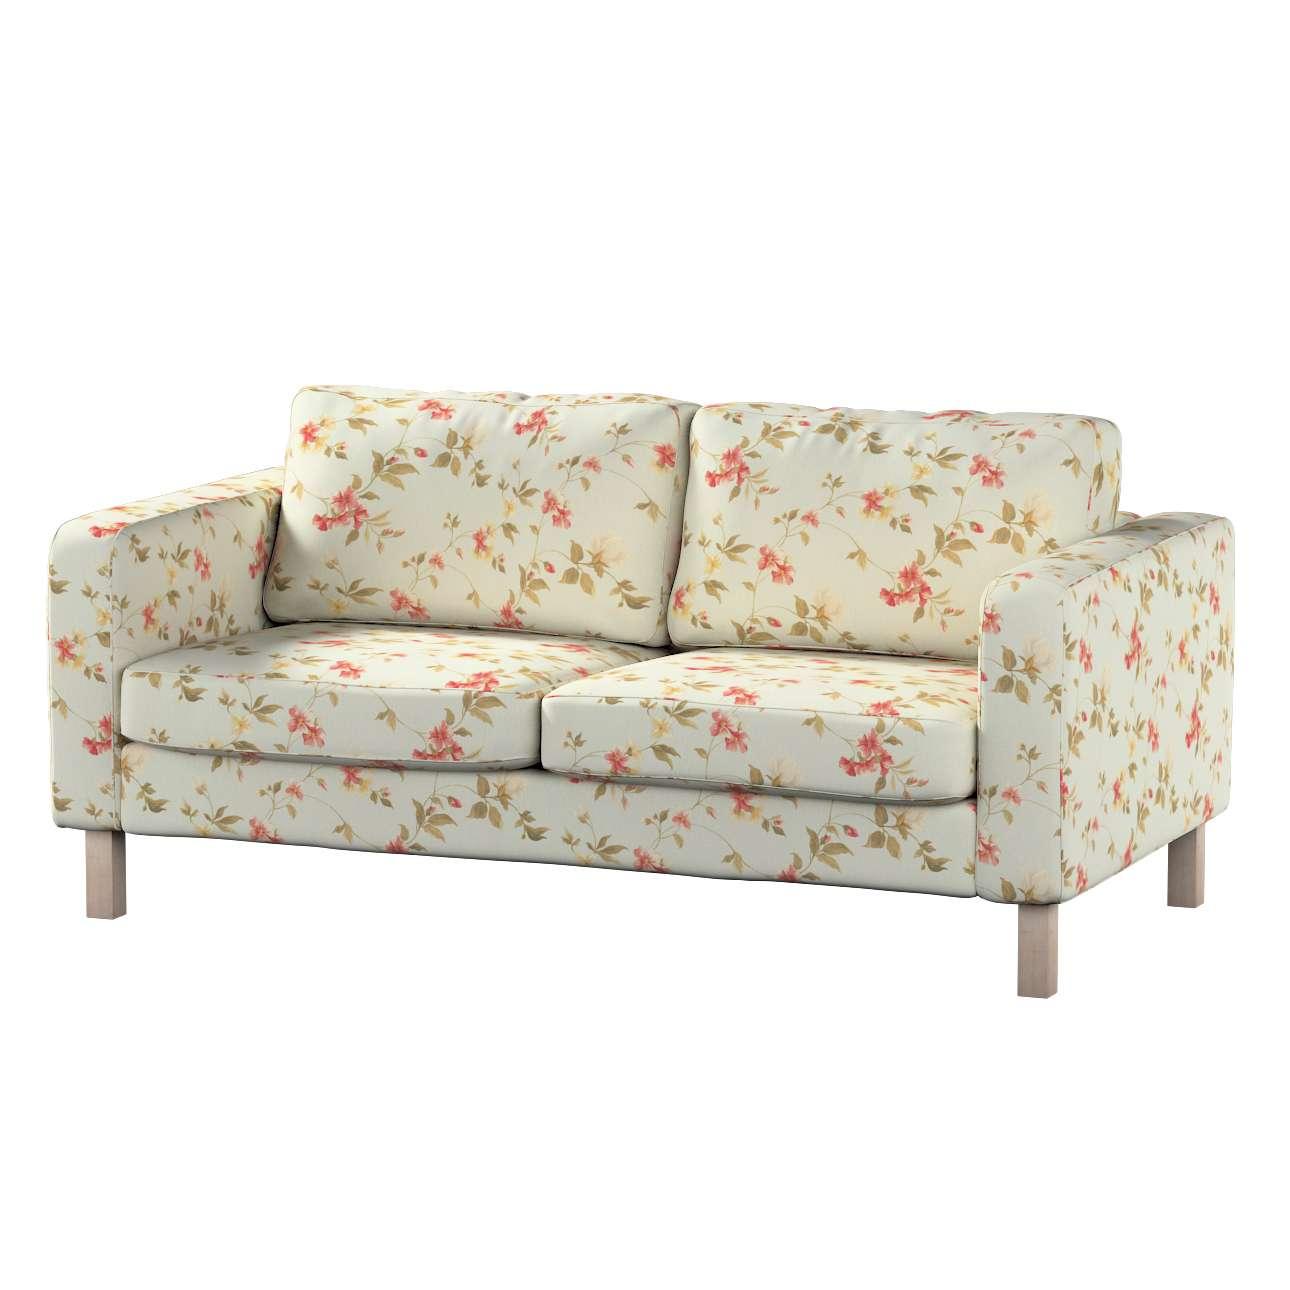 Pokrowiec na sofę Karlstad 2-osobową nierozkładaną krótki Sofa Karlstad 2-osobowa w kolekcji Londres, tkanina: 124-65